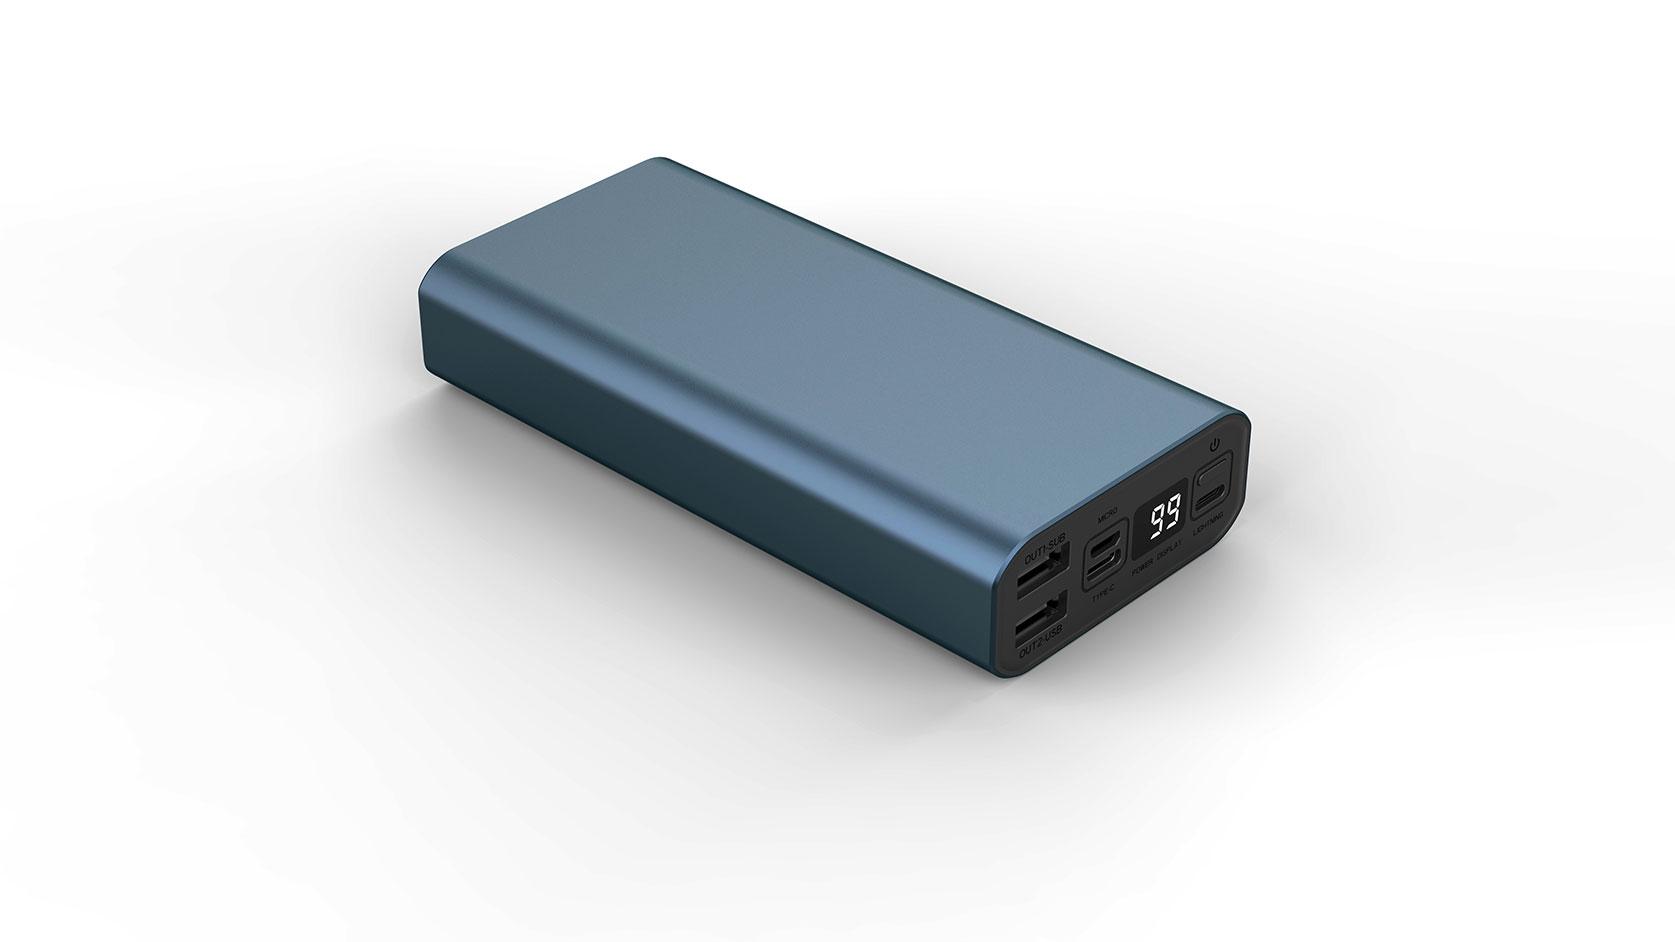 充电宝设计3.jpg